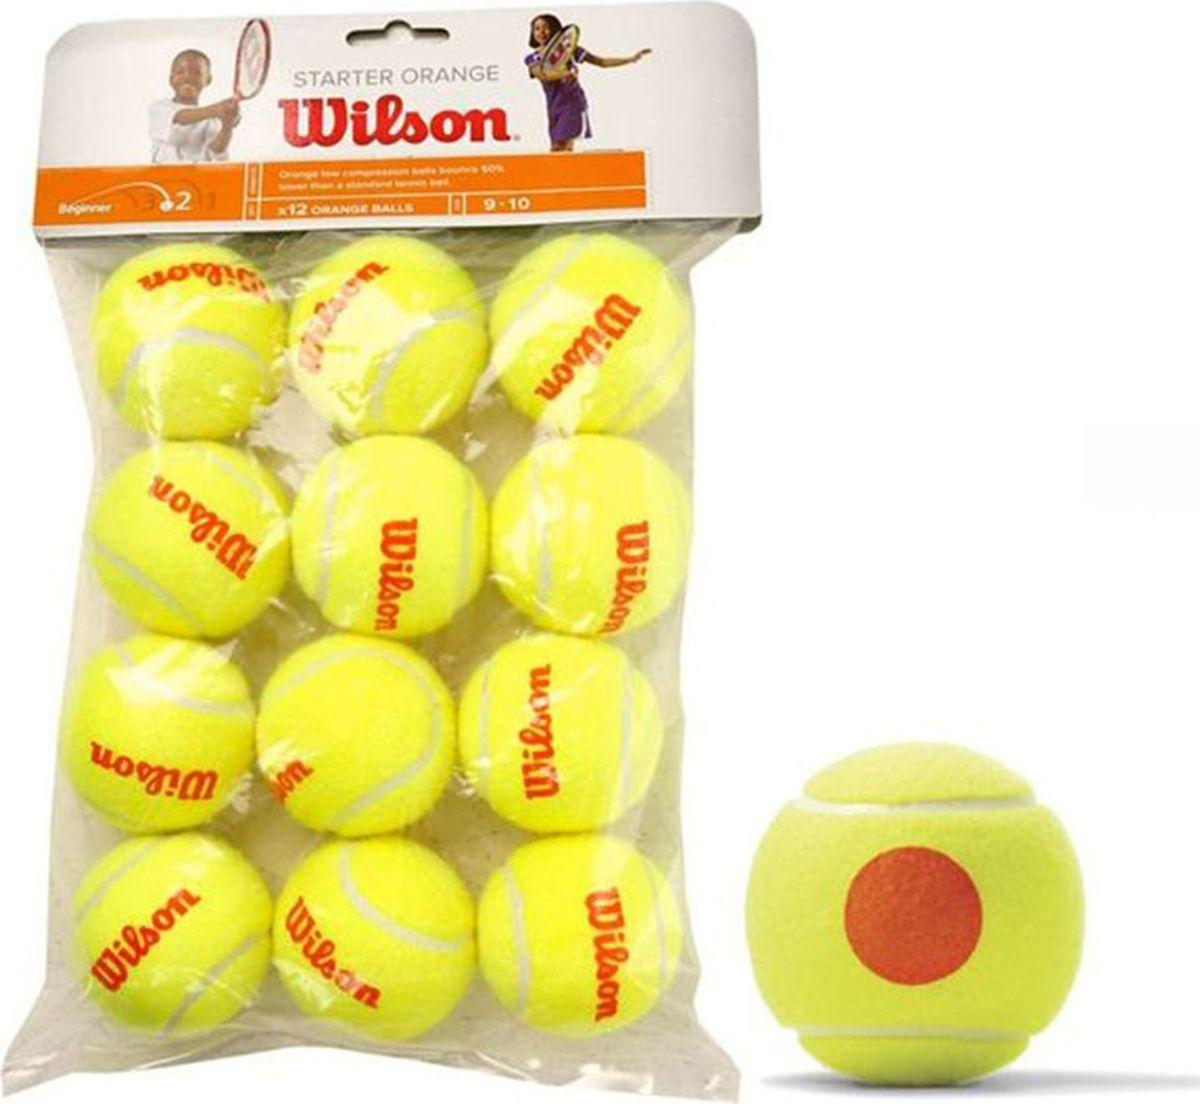 Мячи Wilson Starter Orange, 12 шт332515-2800Тренировочный мяч высокого качества Wilson Starter Orange, WRT137200 подходит для соревнований тренировок детей возрасте от до 10 лет. Данный мяч одобрен ITF (Международная Федерация Тенниса). Мячи Wilson Starter Play это линейка специально разработанных мячей для юных спортсменов возрасте от до 16 лет.Мячи выполнены из высококачественного фетра дополнительной влагоотталкивающей пропиткой, благодаря чему вы сможете играть этим мячом на непросохшем покрытии кортаНа 50 меньше скорость отскока (стандартный размер корта 19м 5,6м-8,2м)В упаковке 12 мячейИндивидуальная упаковка